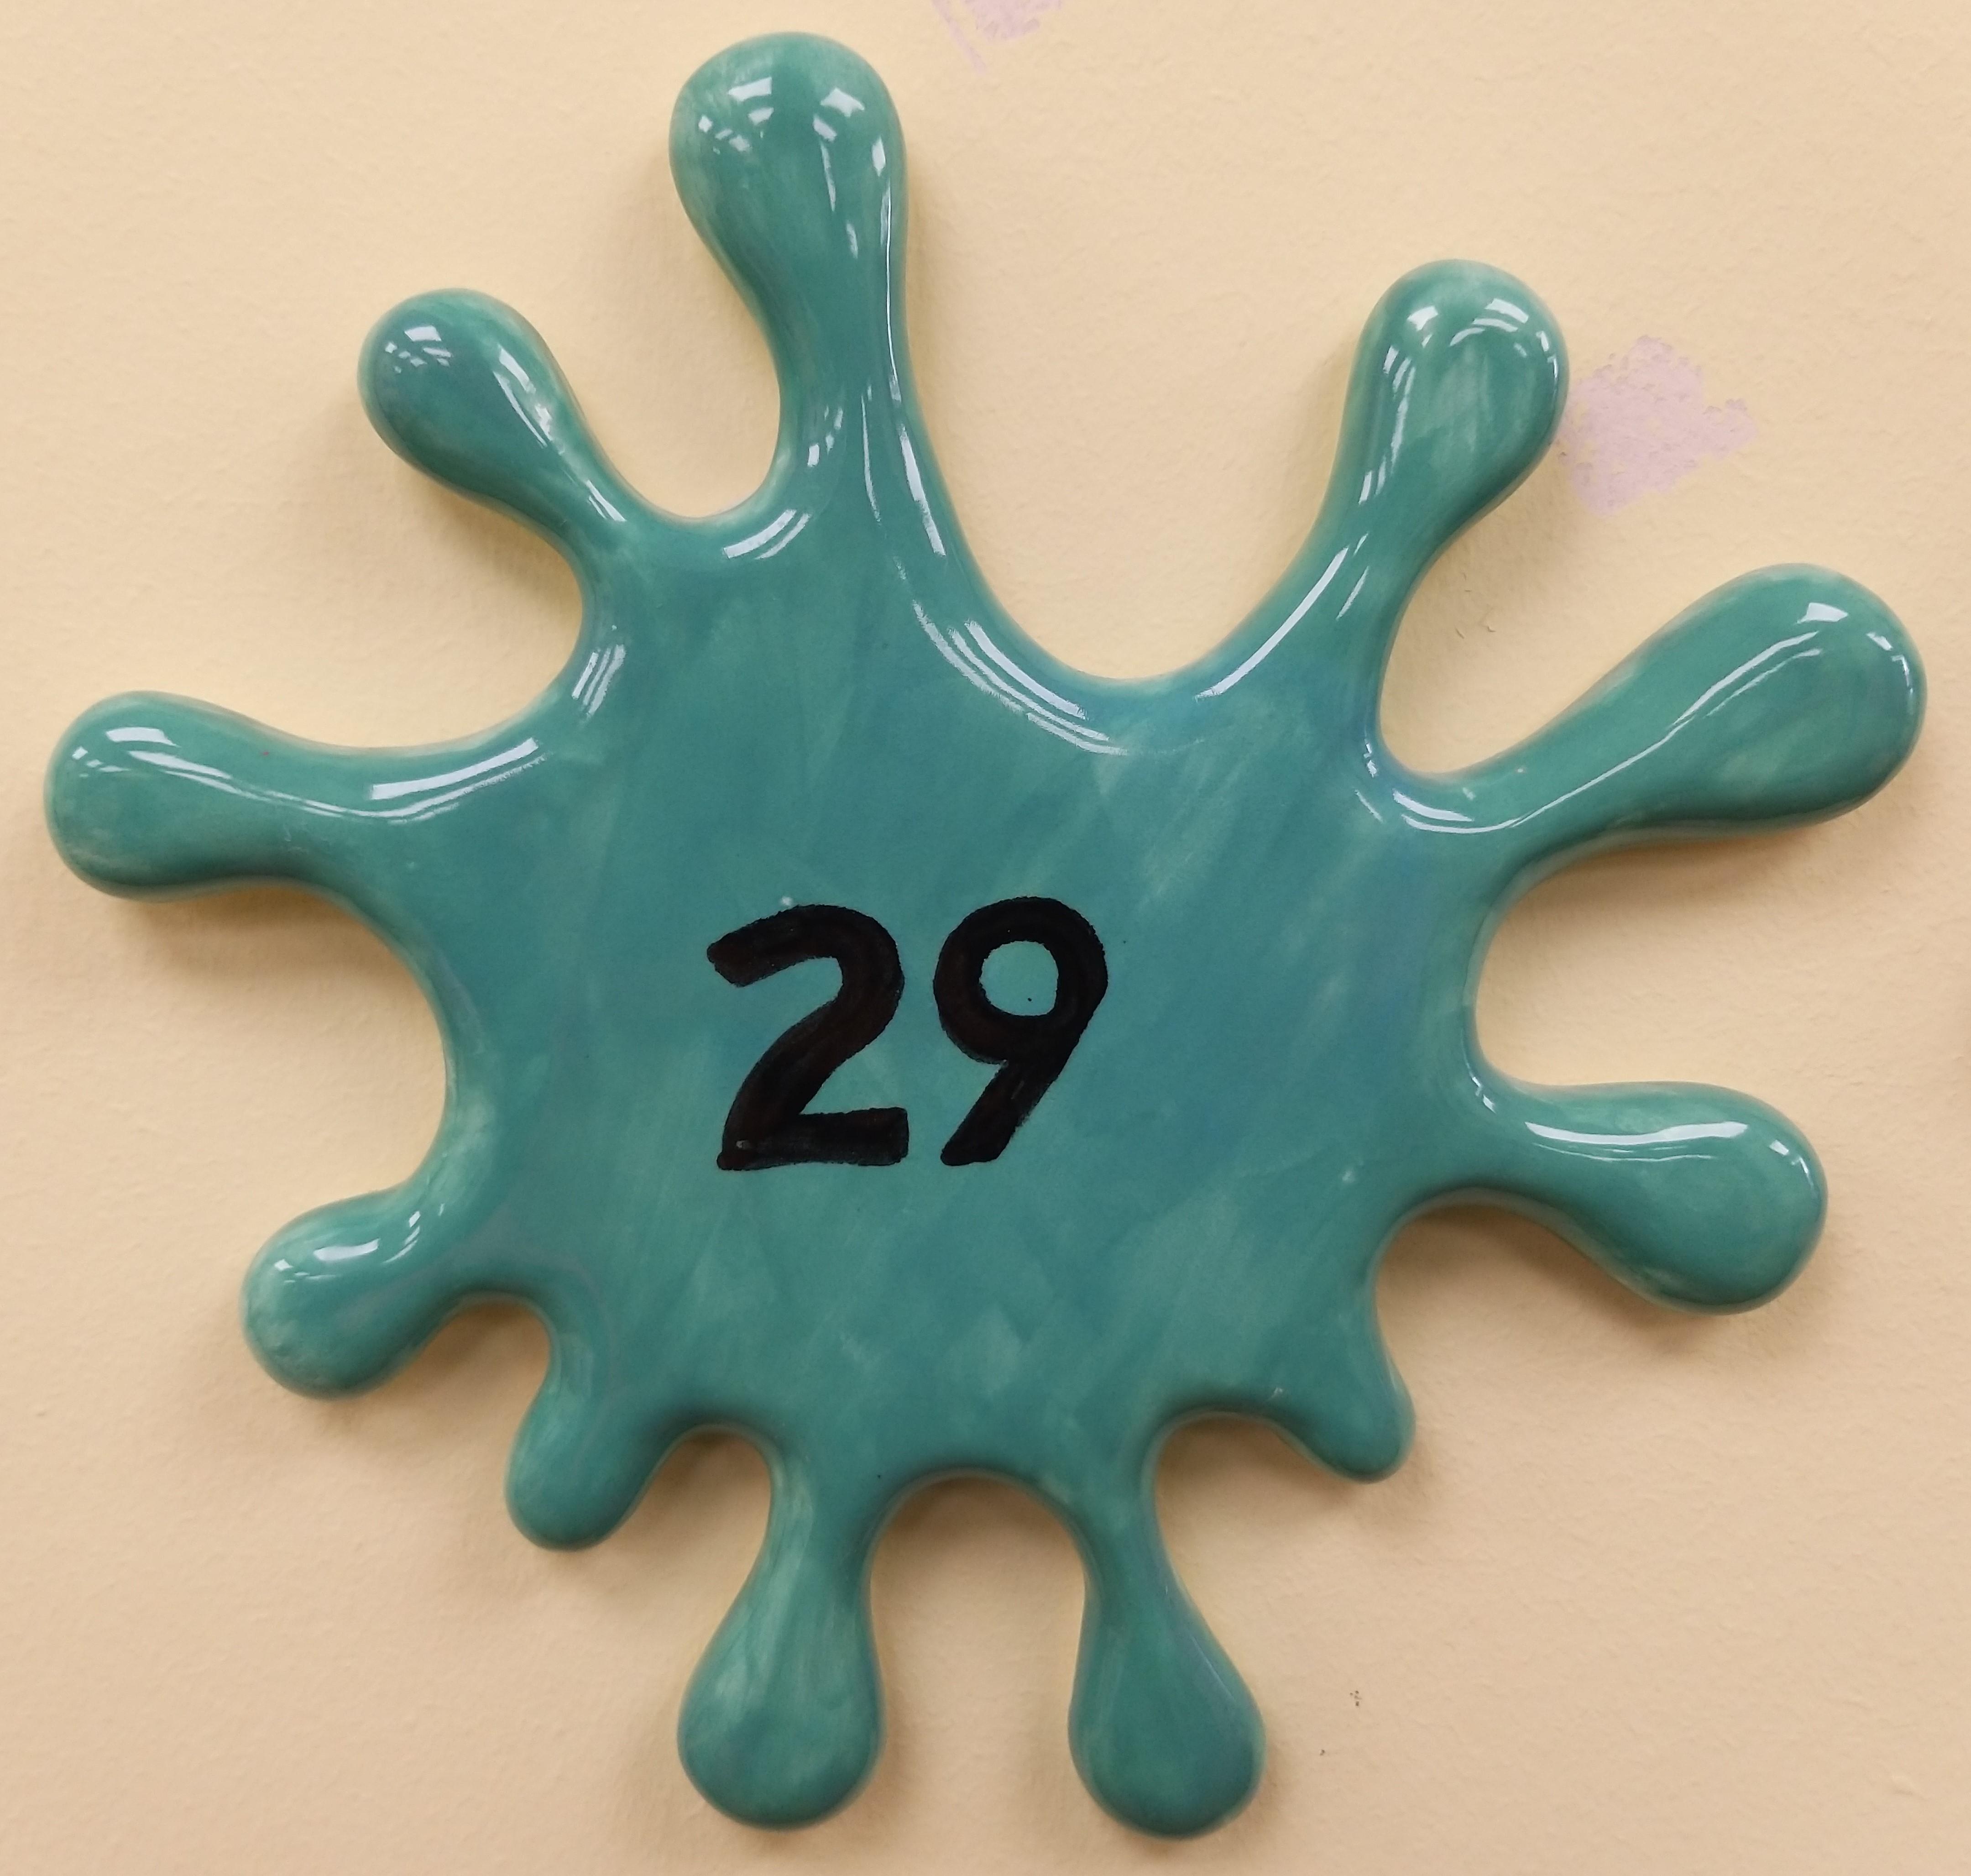 29. Spearmint